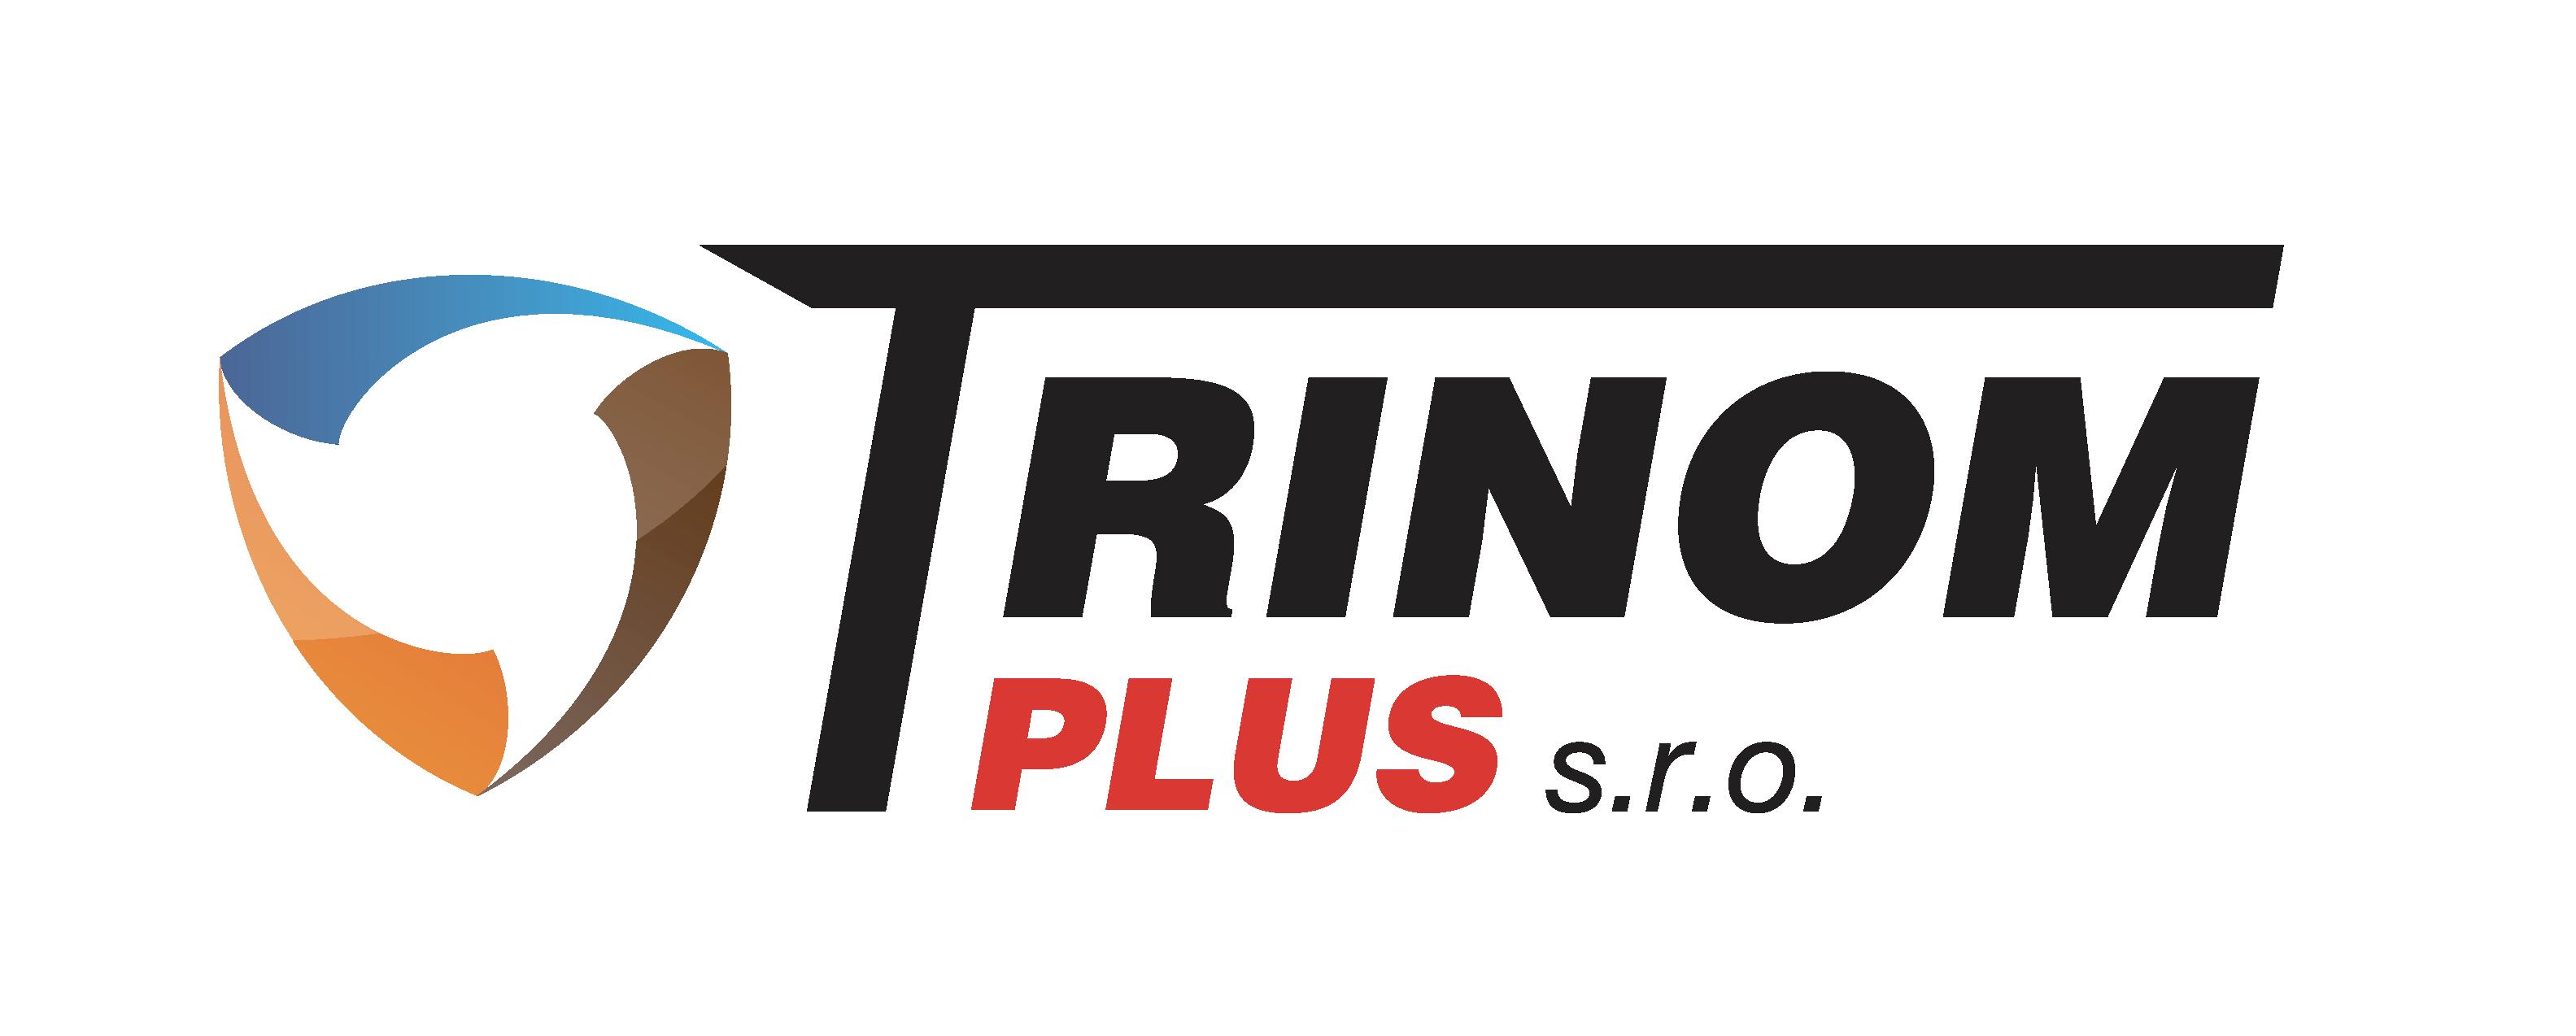 Trinom Plus s.r.o.